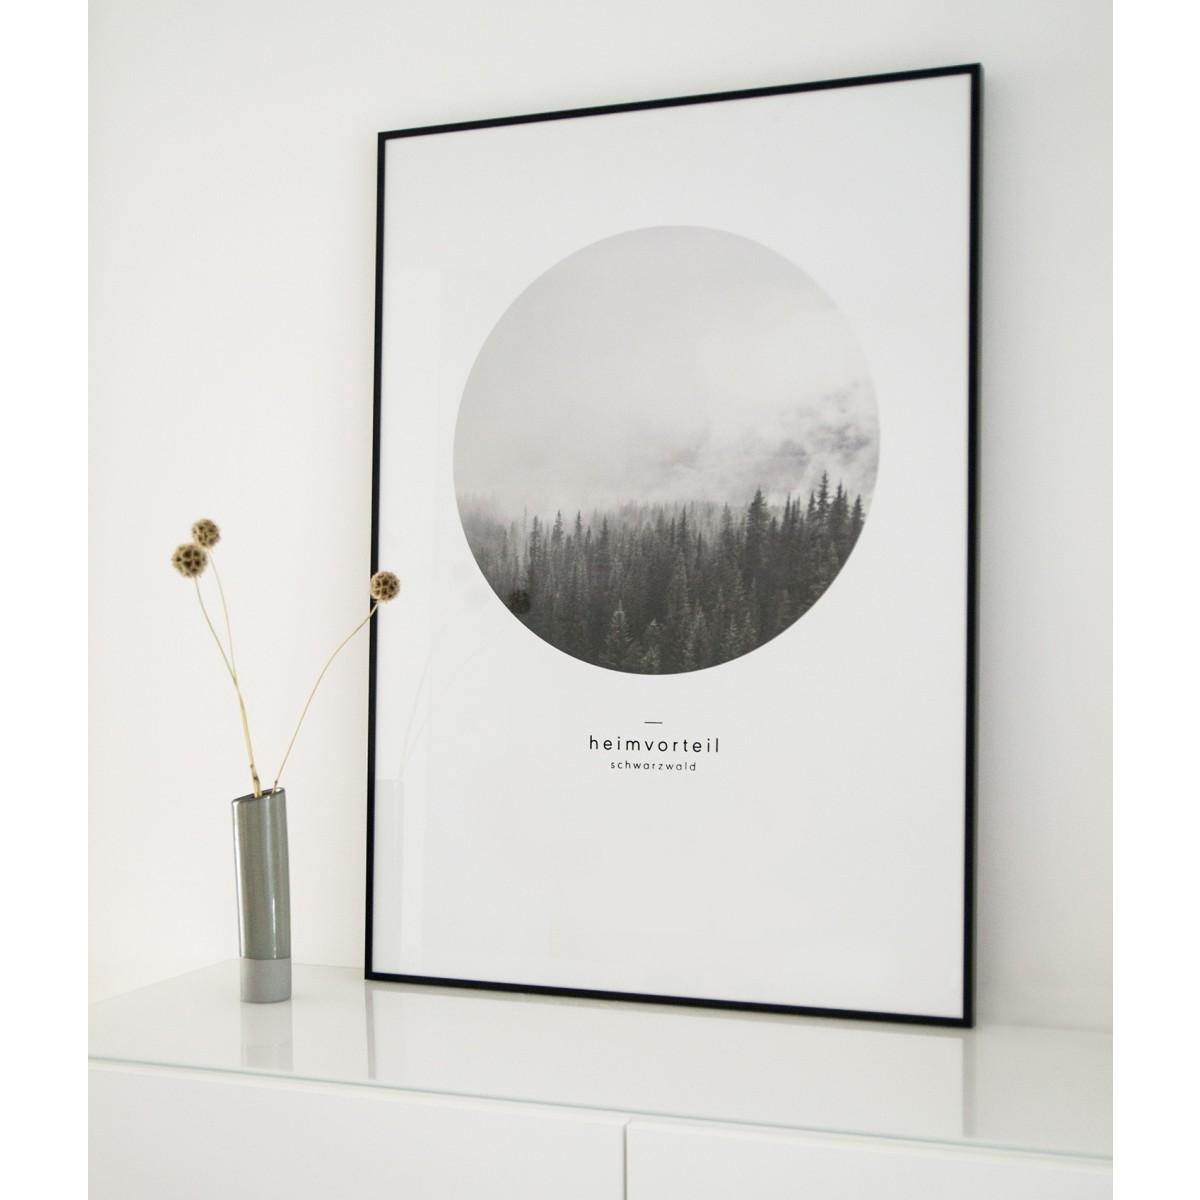 Daheim Sein – Poster Heimvorteil